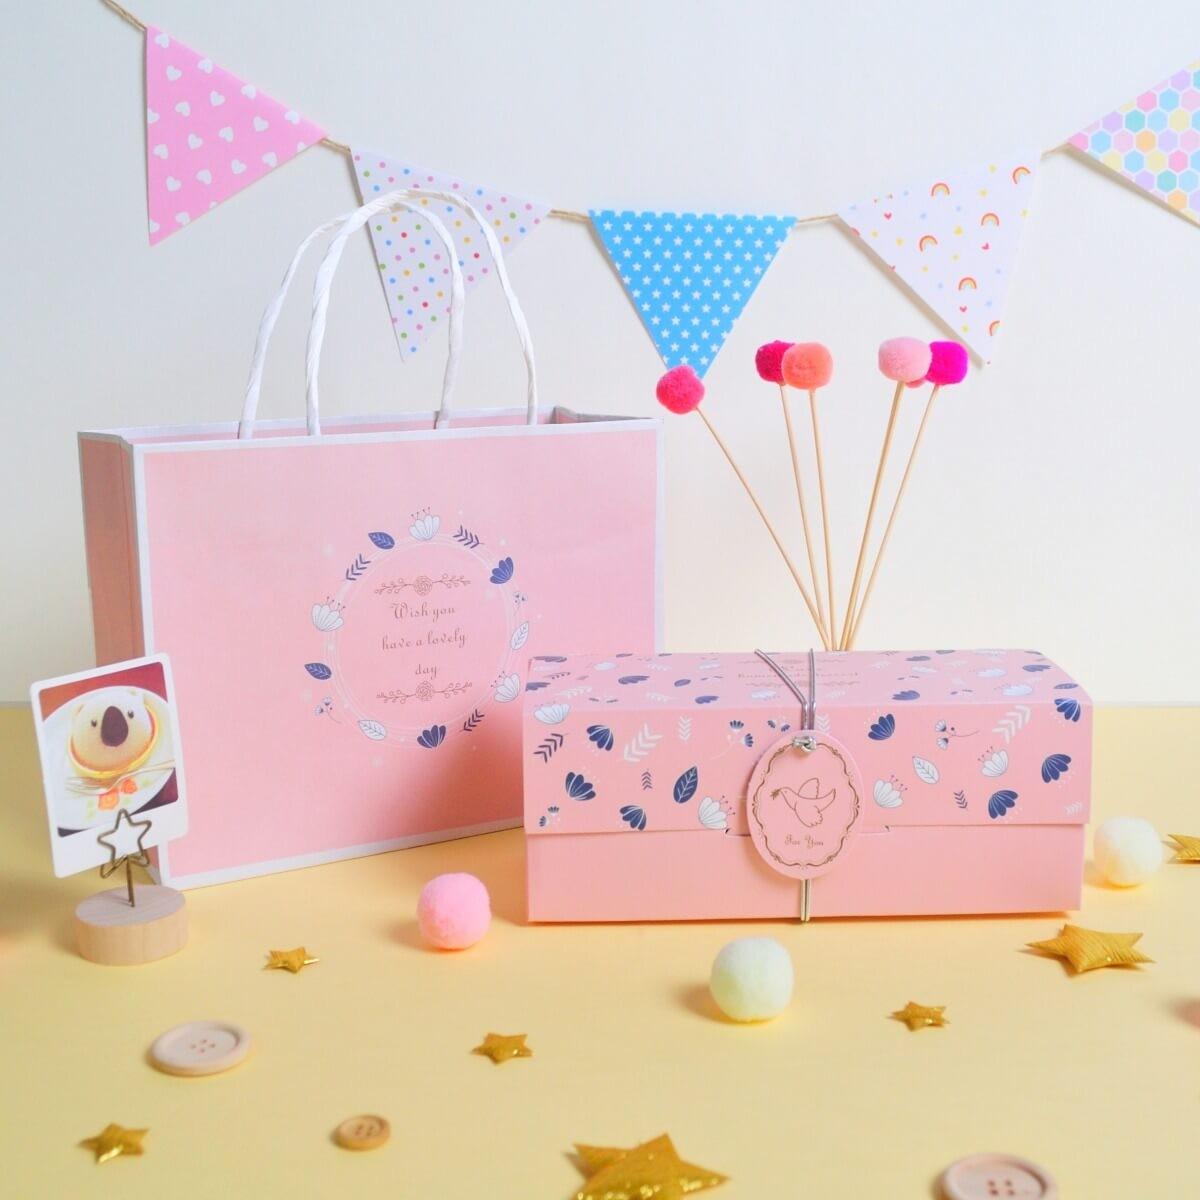 【滿單預購中】粉紅花園禮盒 / 彌月禮盒 / 餐盒 / 伴手禮 / 附提袋 / 蝴蝶酥 / 手工餅乾